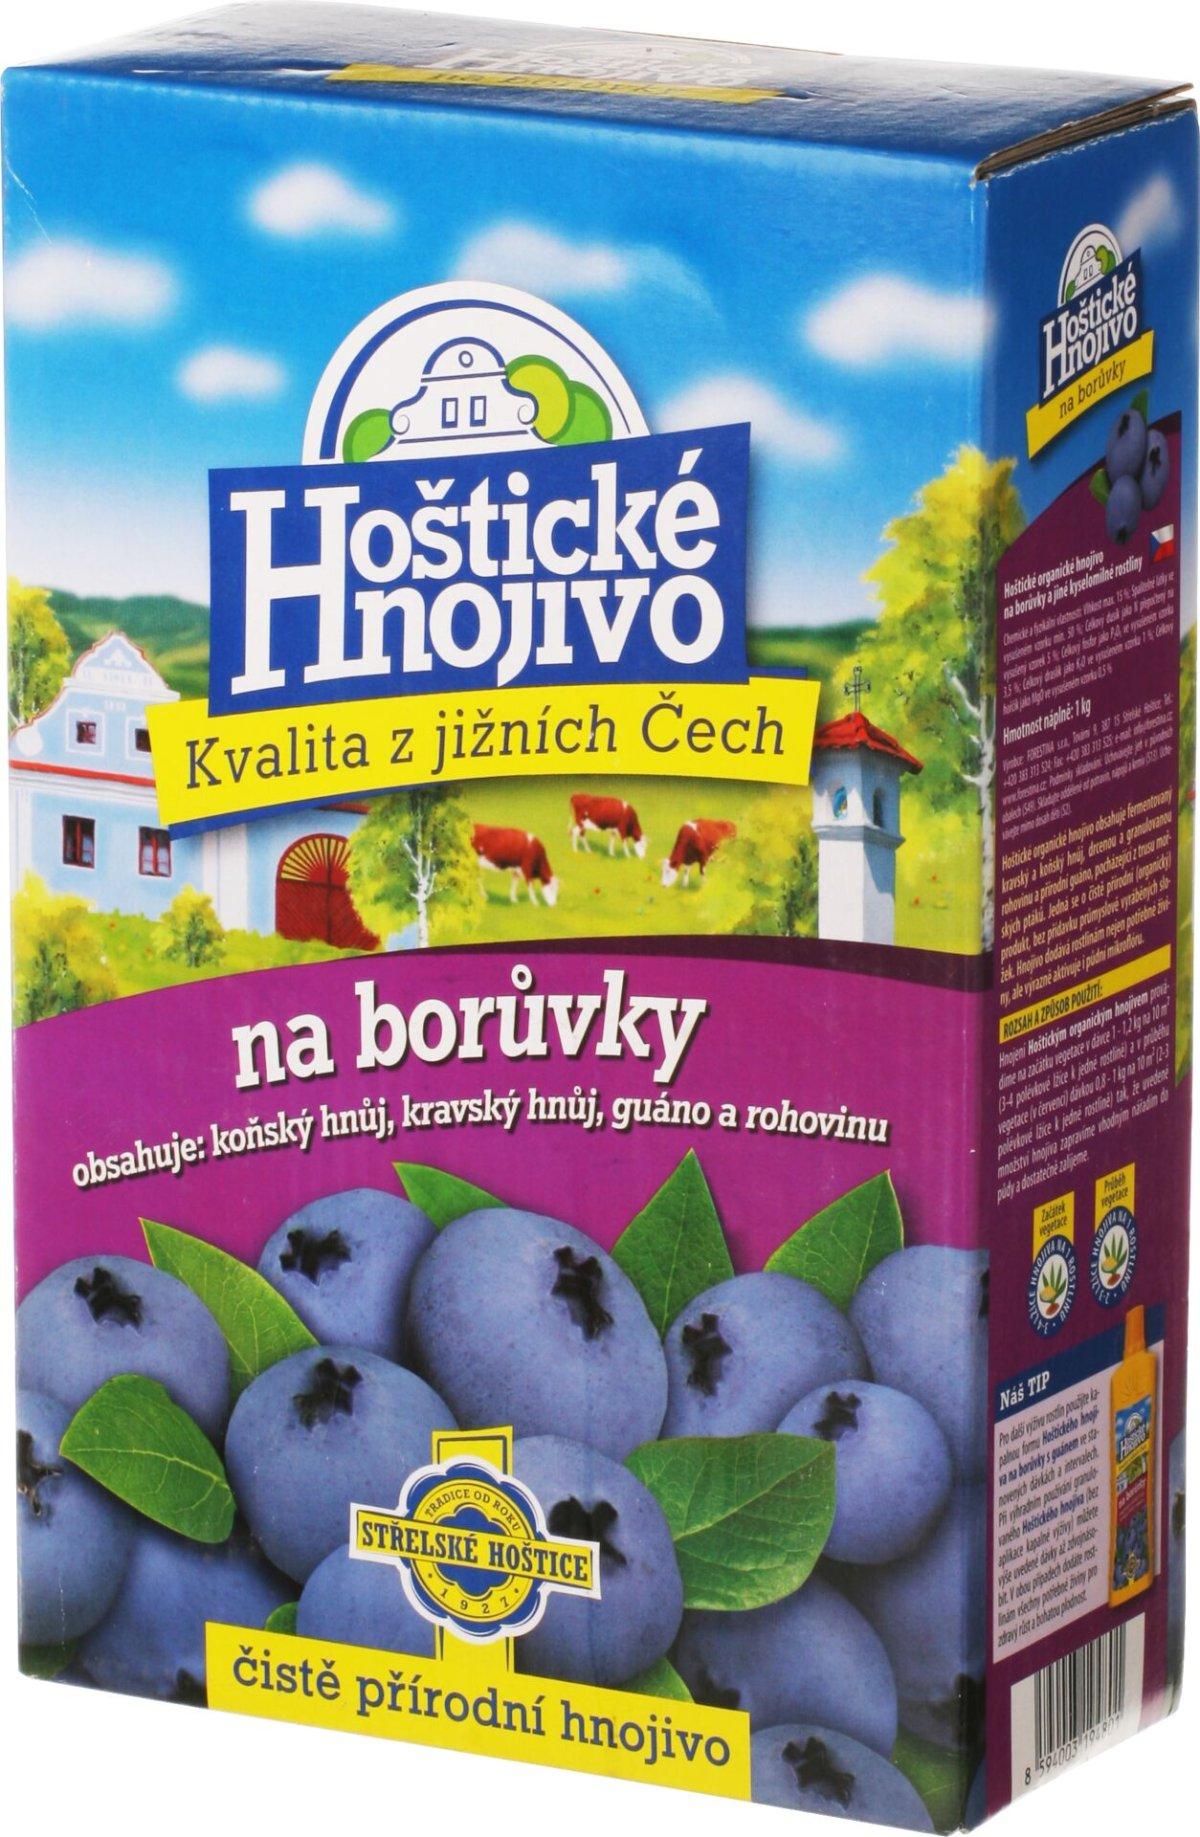 Hoštické - borůvky 1 kg s guánem